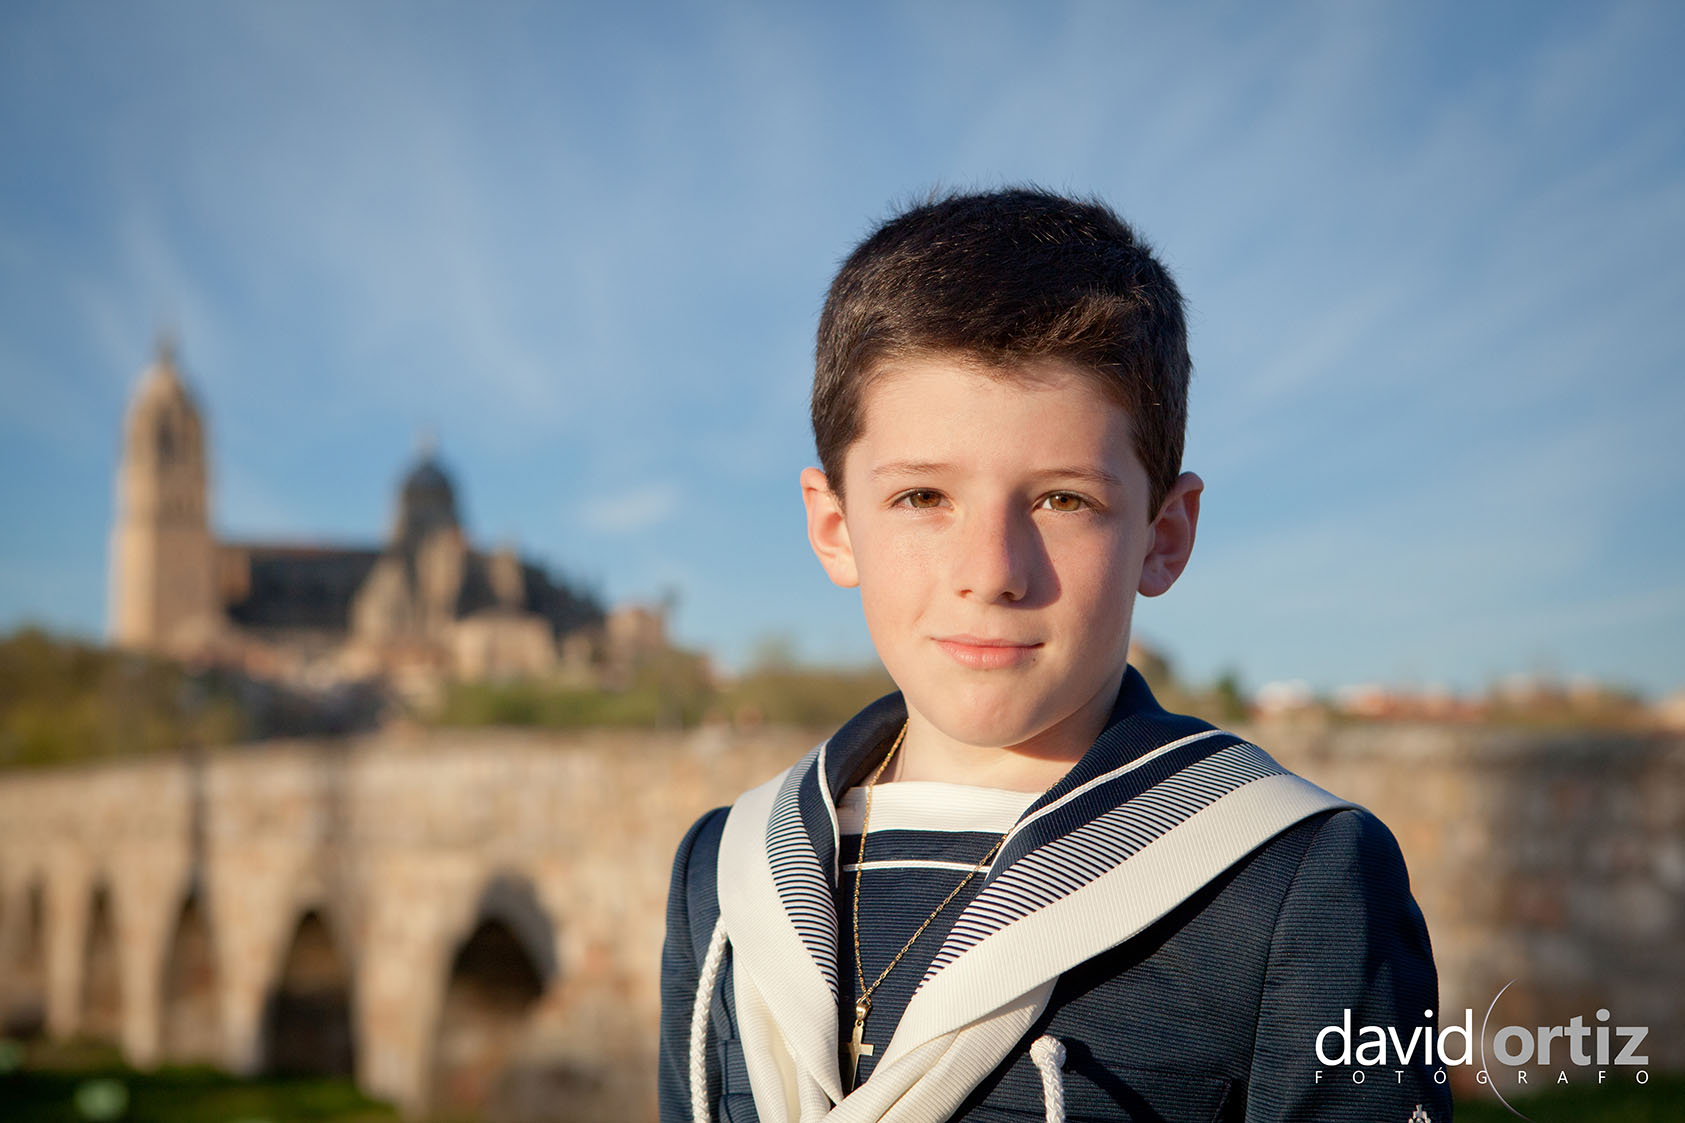 Fotografía y reportaje de comunión de exterior, realizado por David Ortiz Fotógrafo en Salamanca